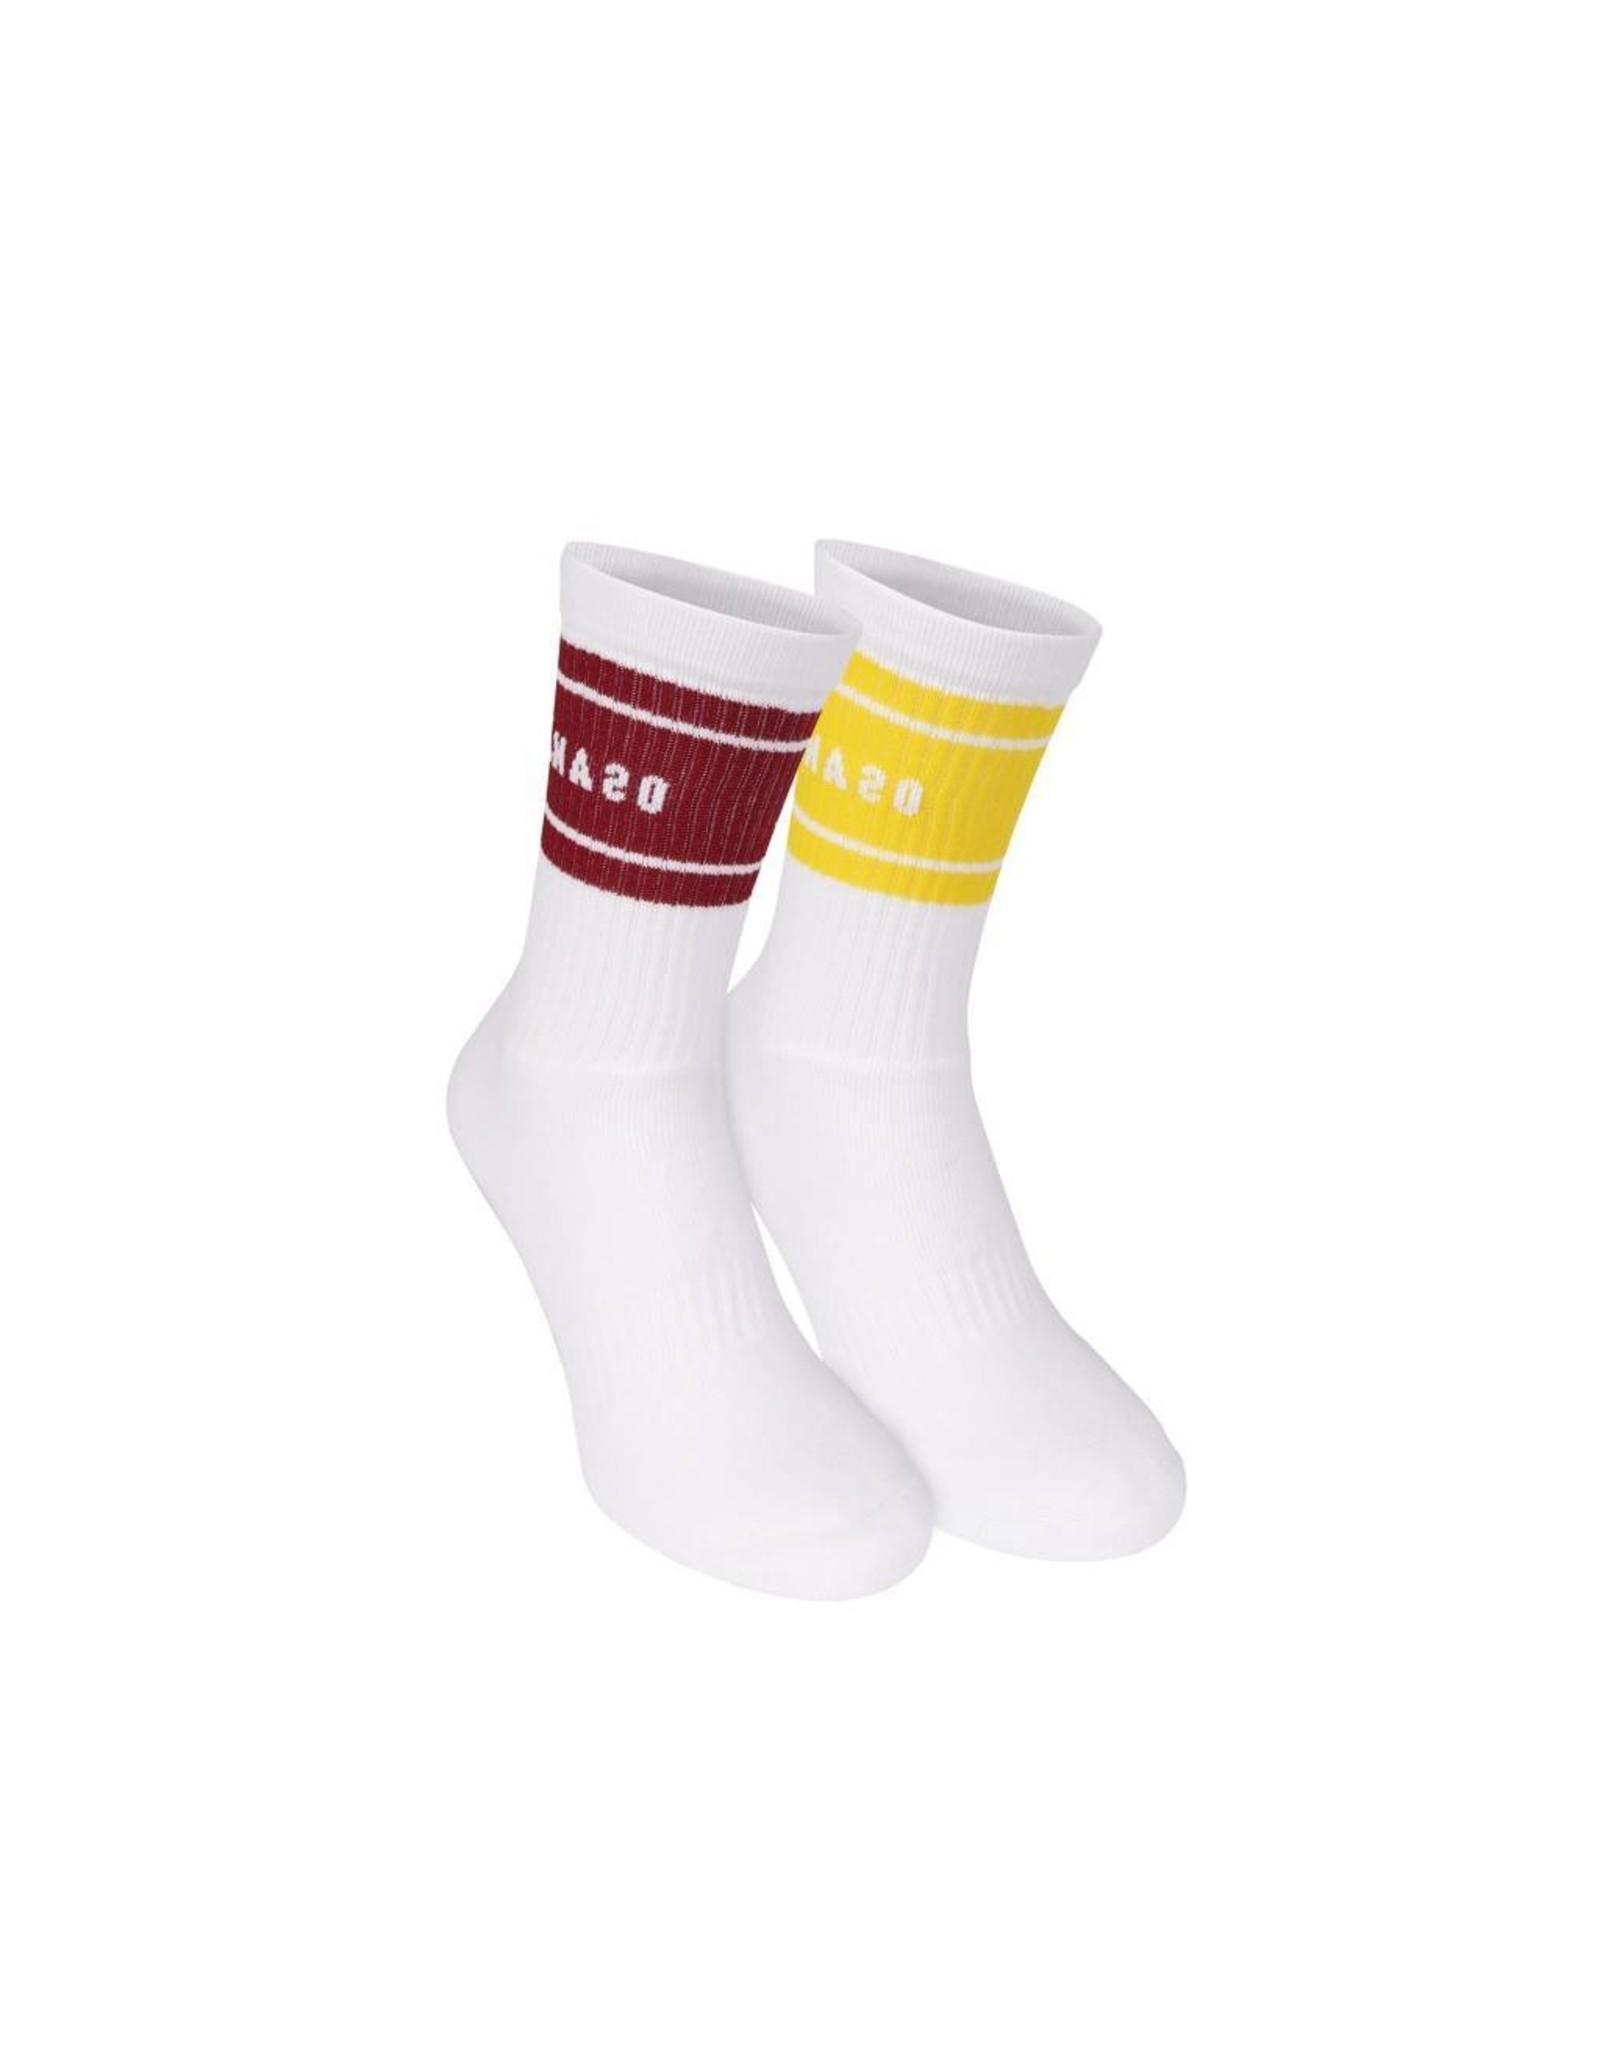 Osaka Colourway Socks Duo Pack Maroon/Yellow